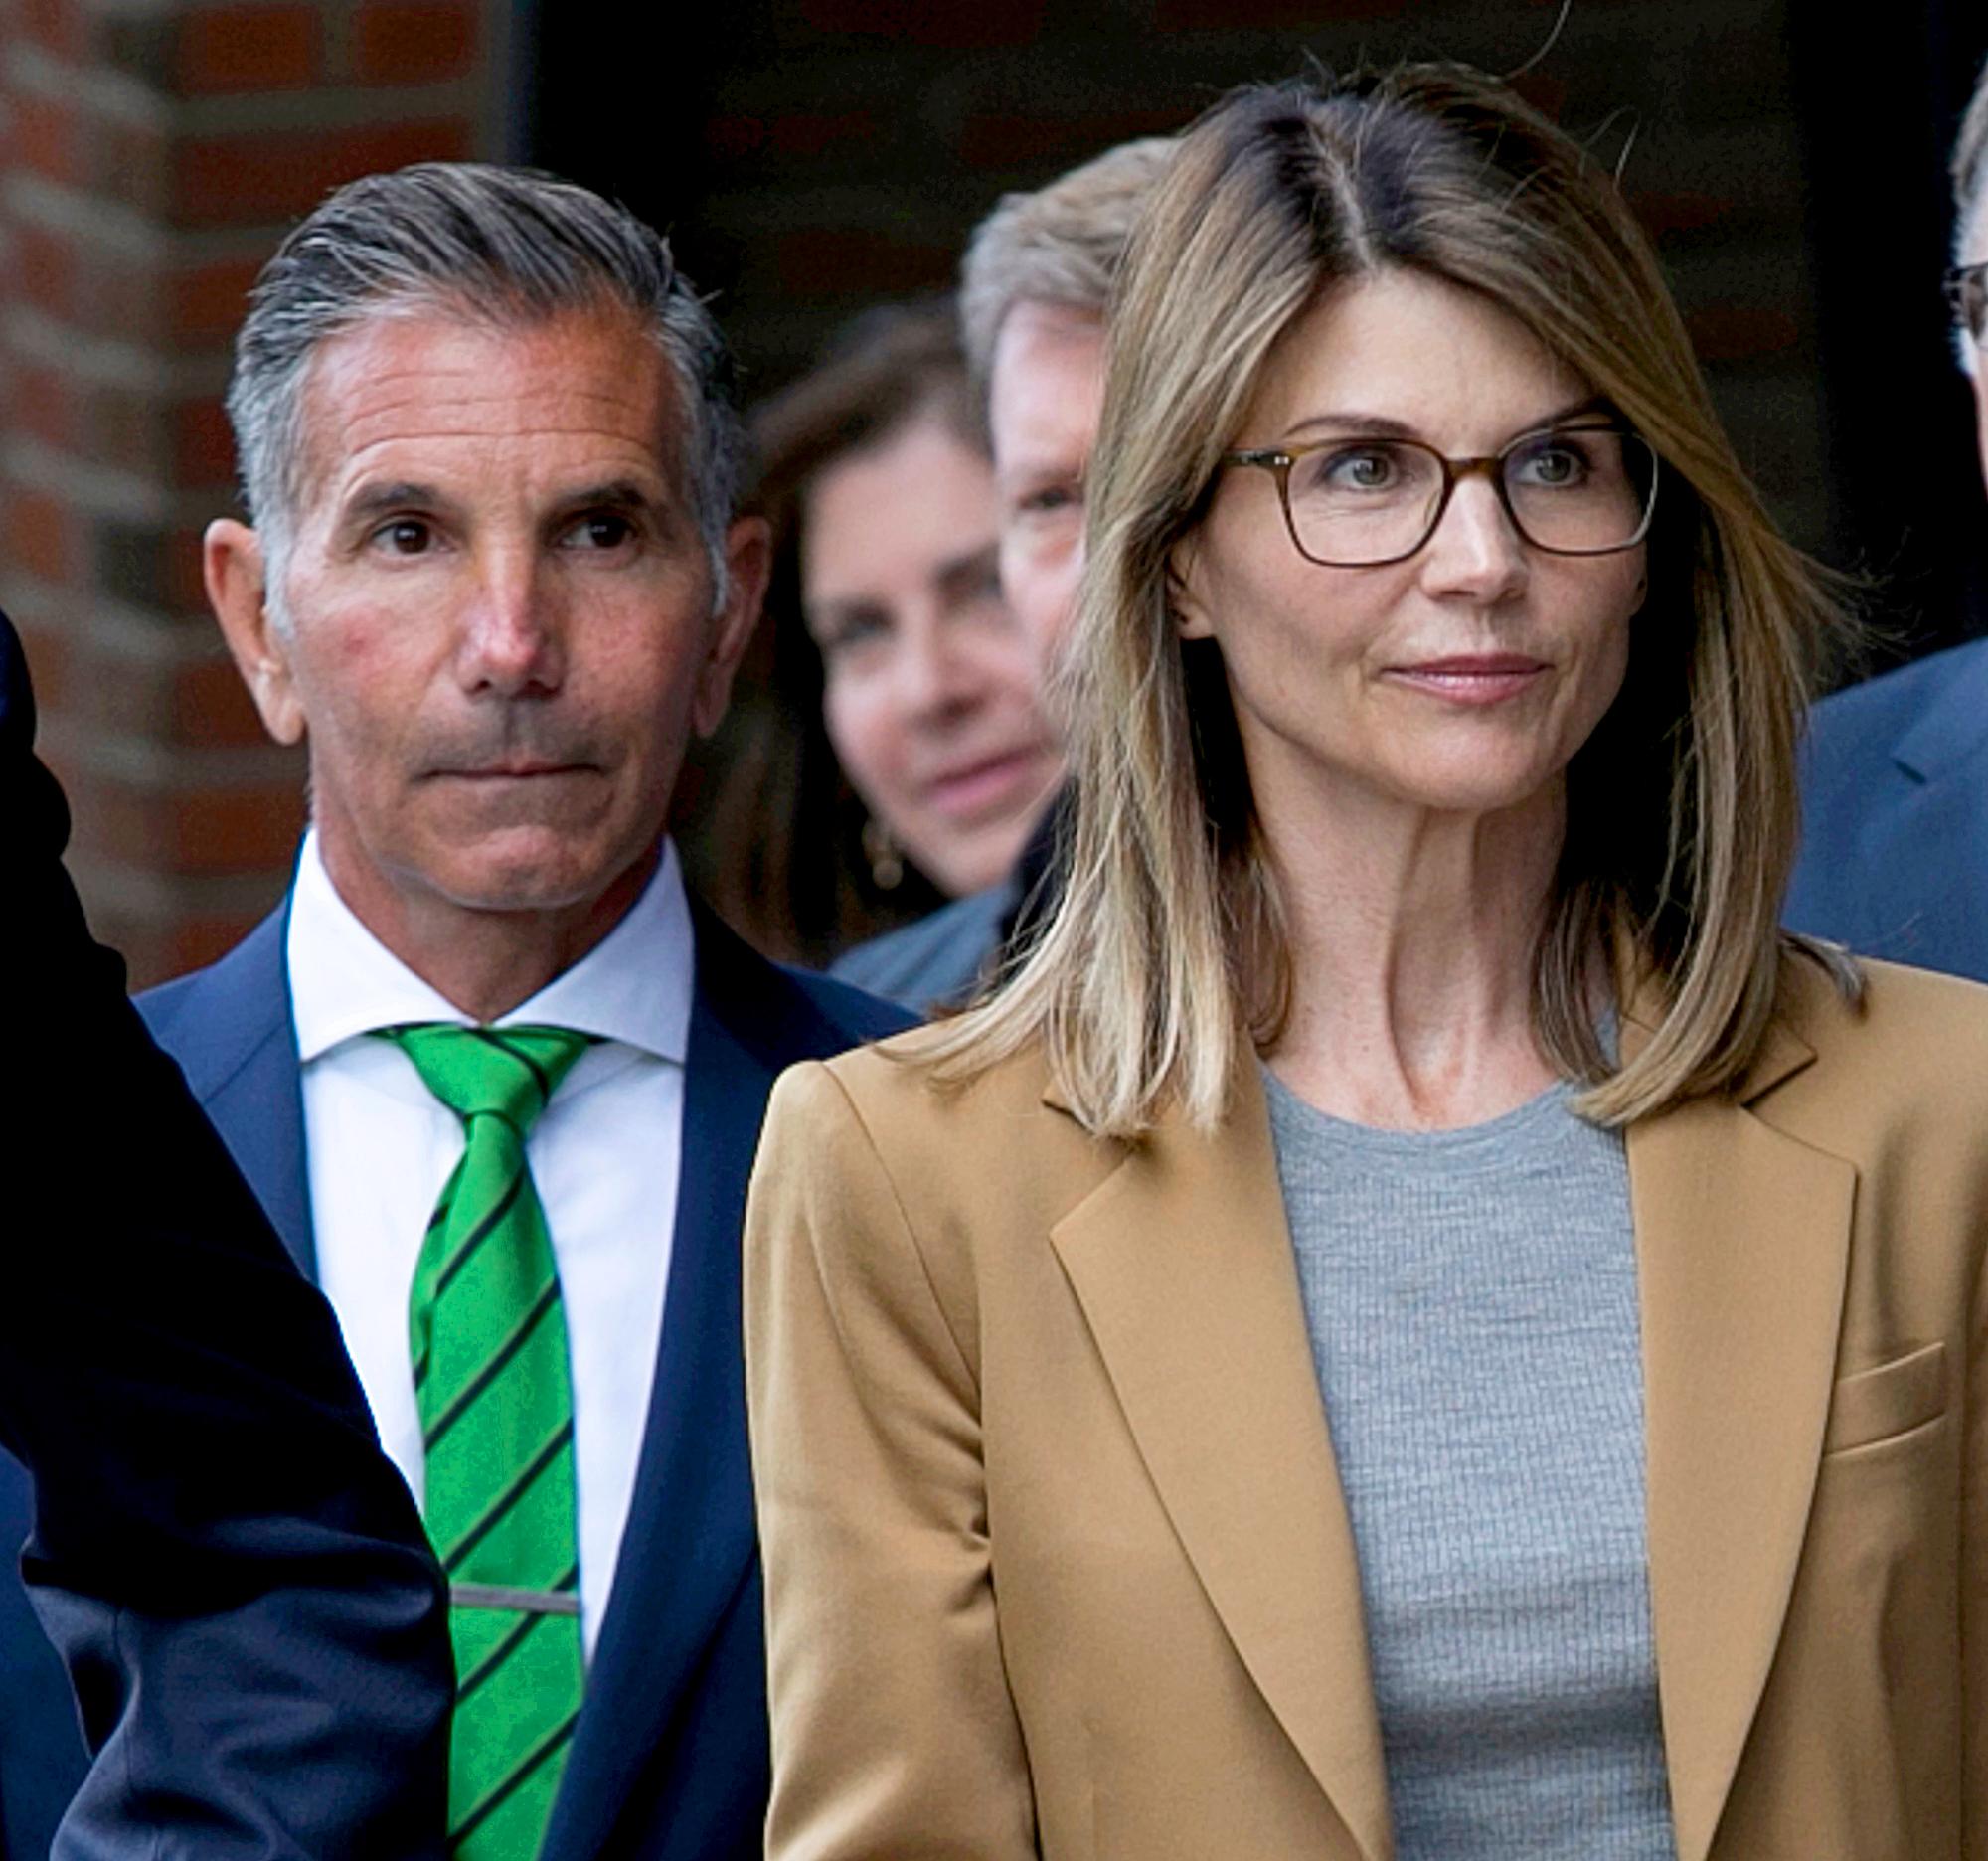 Lori-Loughlin-Mossimo-Giannulli-leave-court